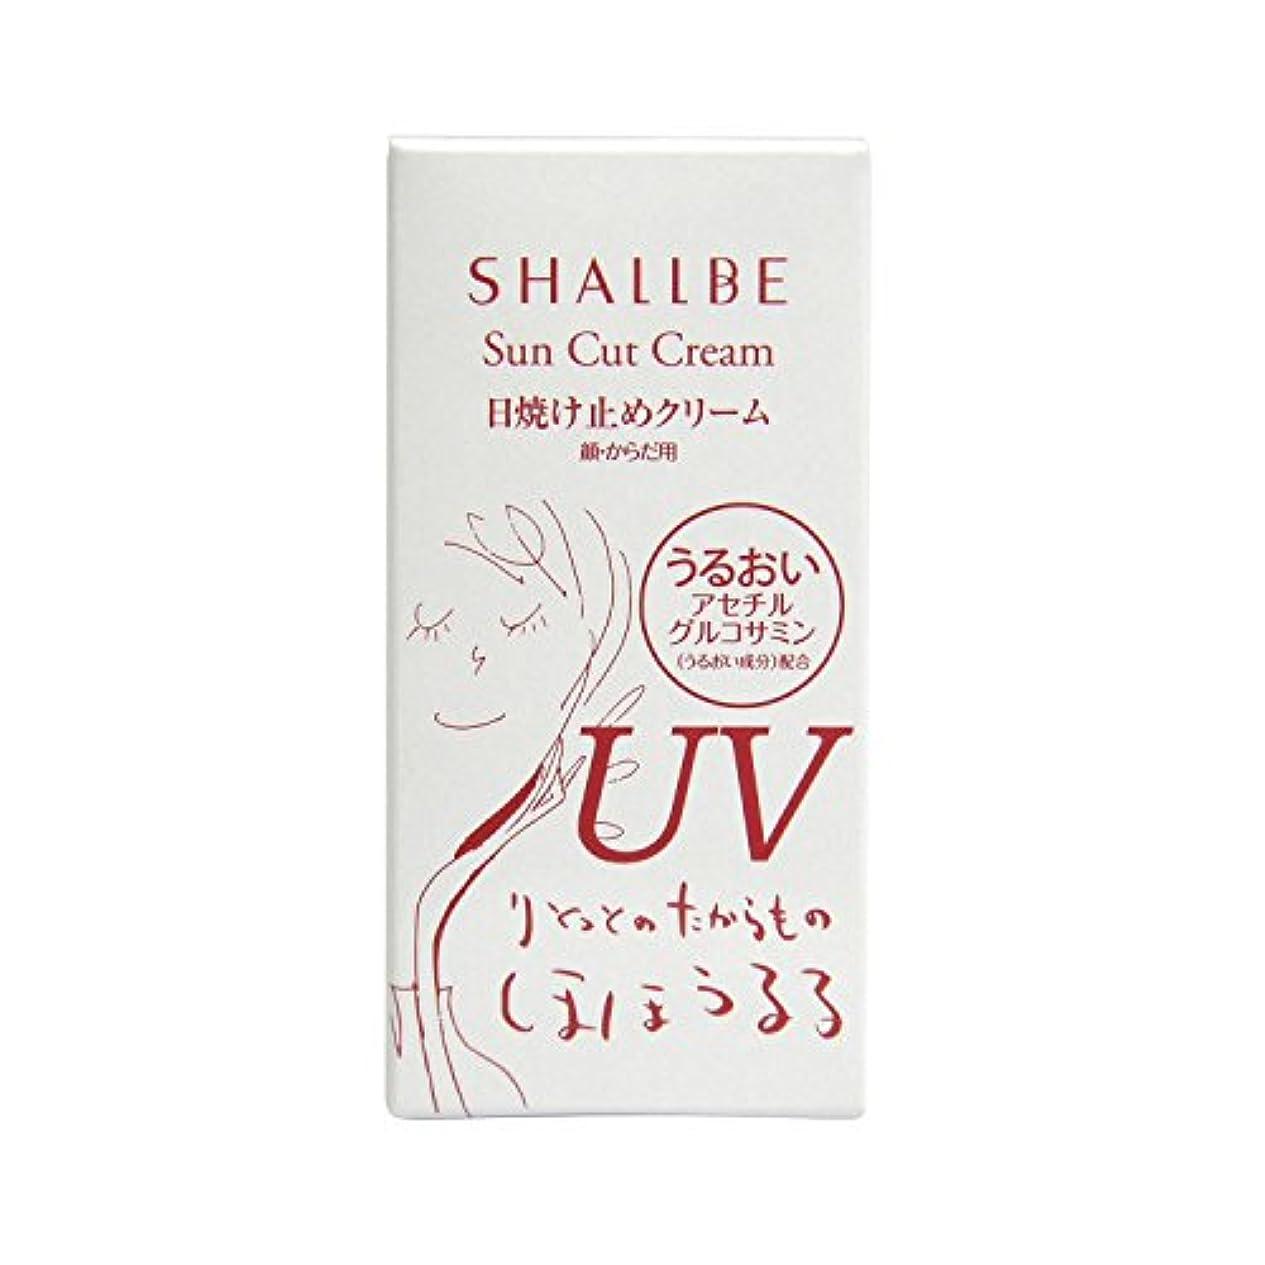 文芸のため平衡シャルビー りとっとのたからもの ほほうるるUVカットミルク30g